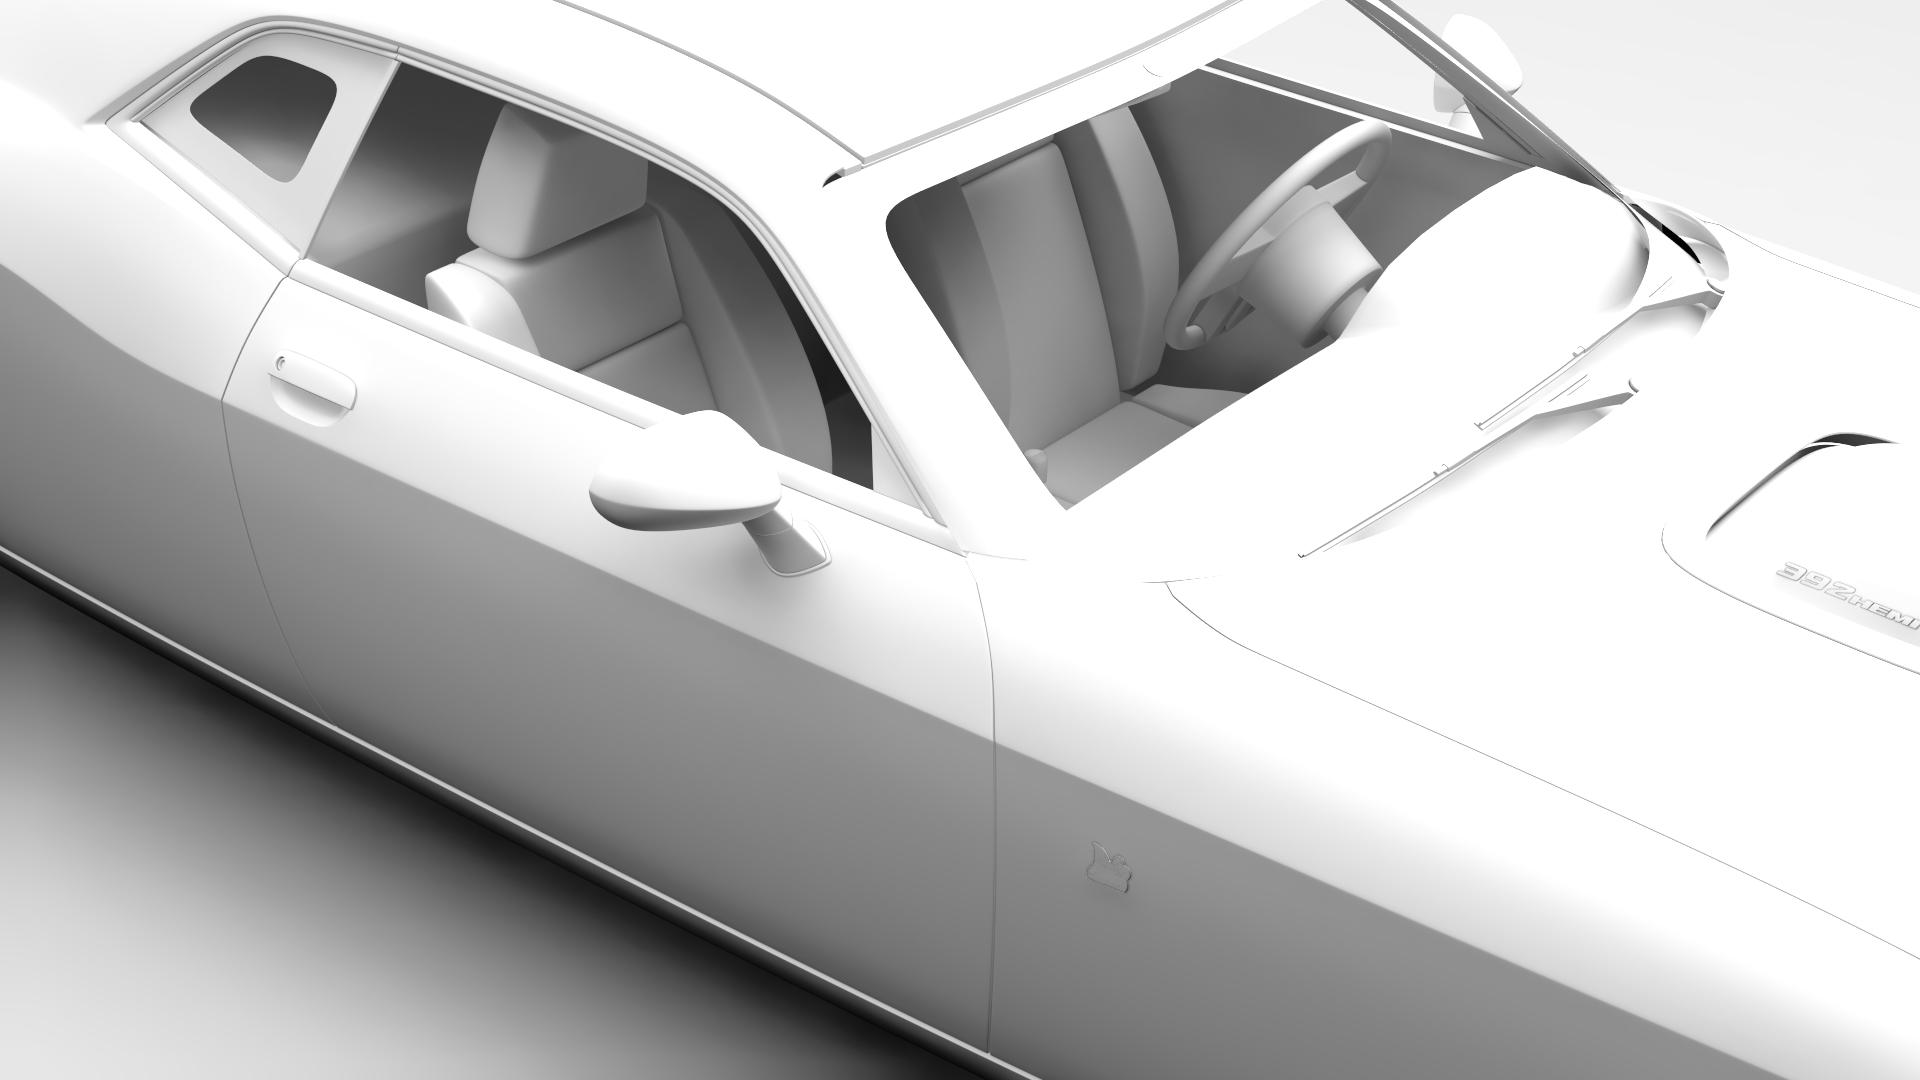 Dodge Challenger 392 shaker (lc) 2016 yn hedfan model 3d 3ds max fbx c4d ar gyfer yr hrc xsi obj 220614